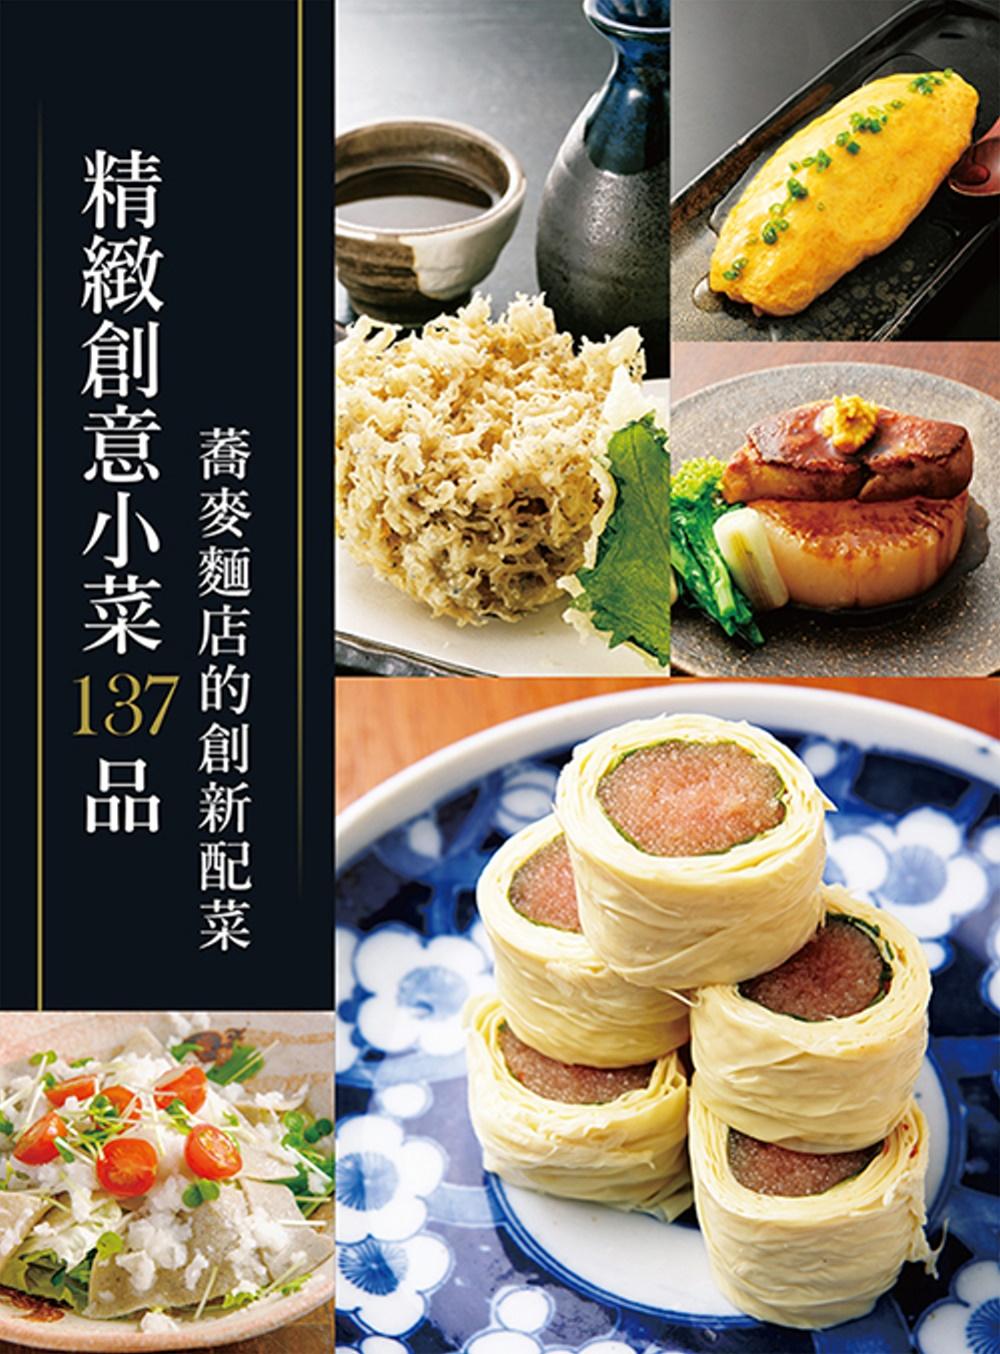 精緻創意小菜137品:蕎麥麵店的創新配菜